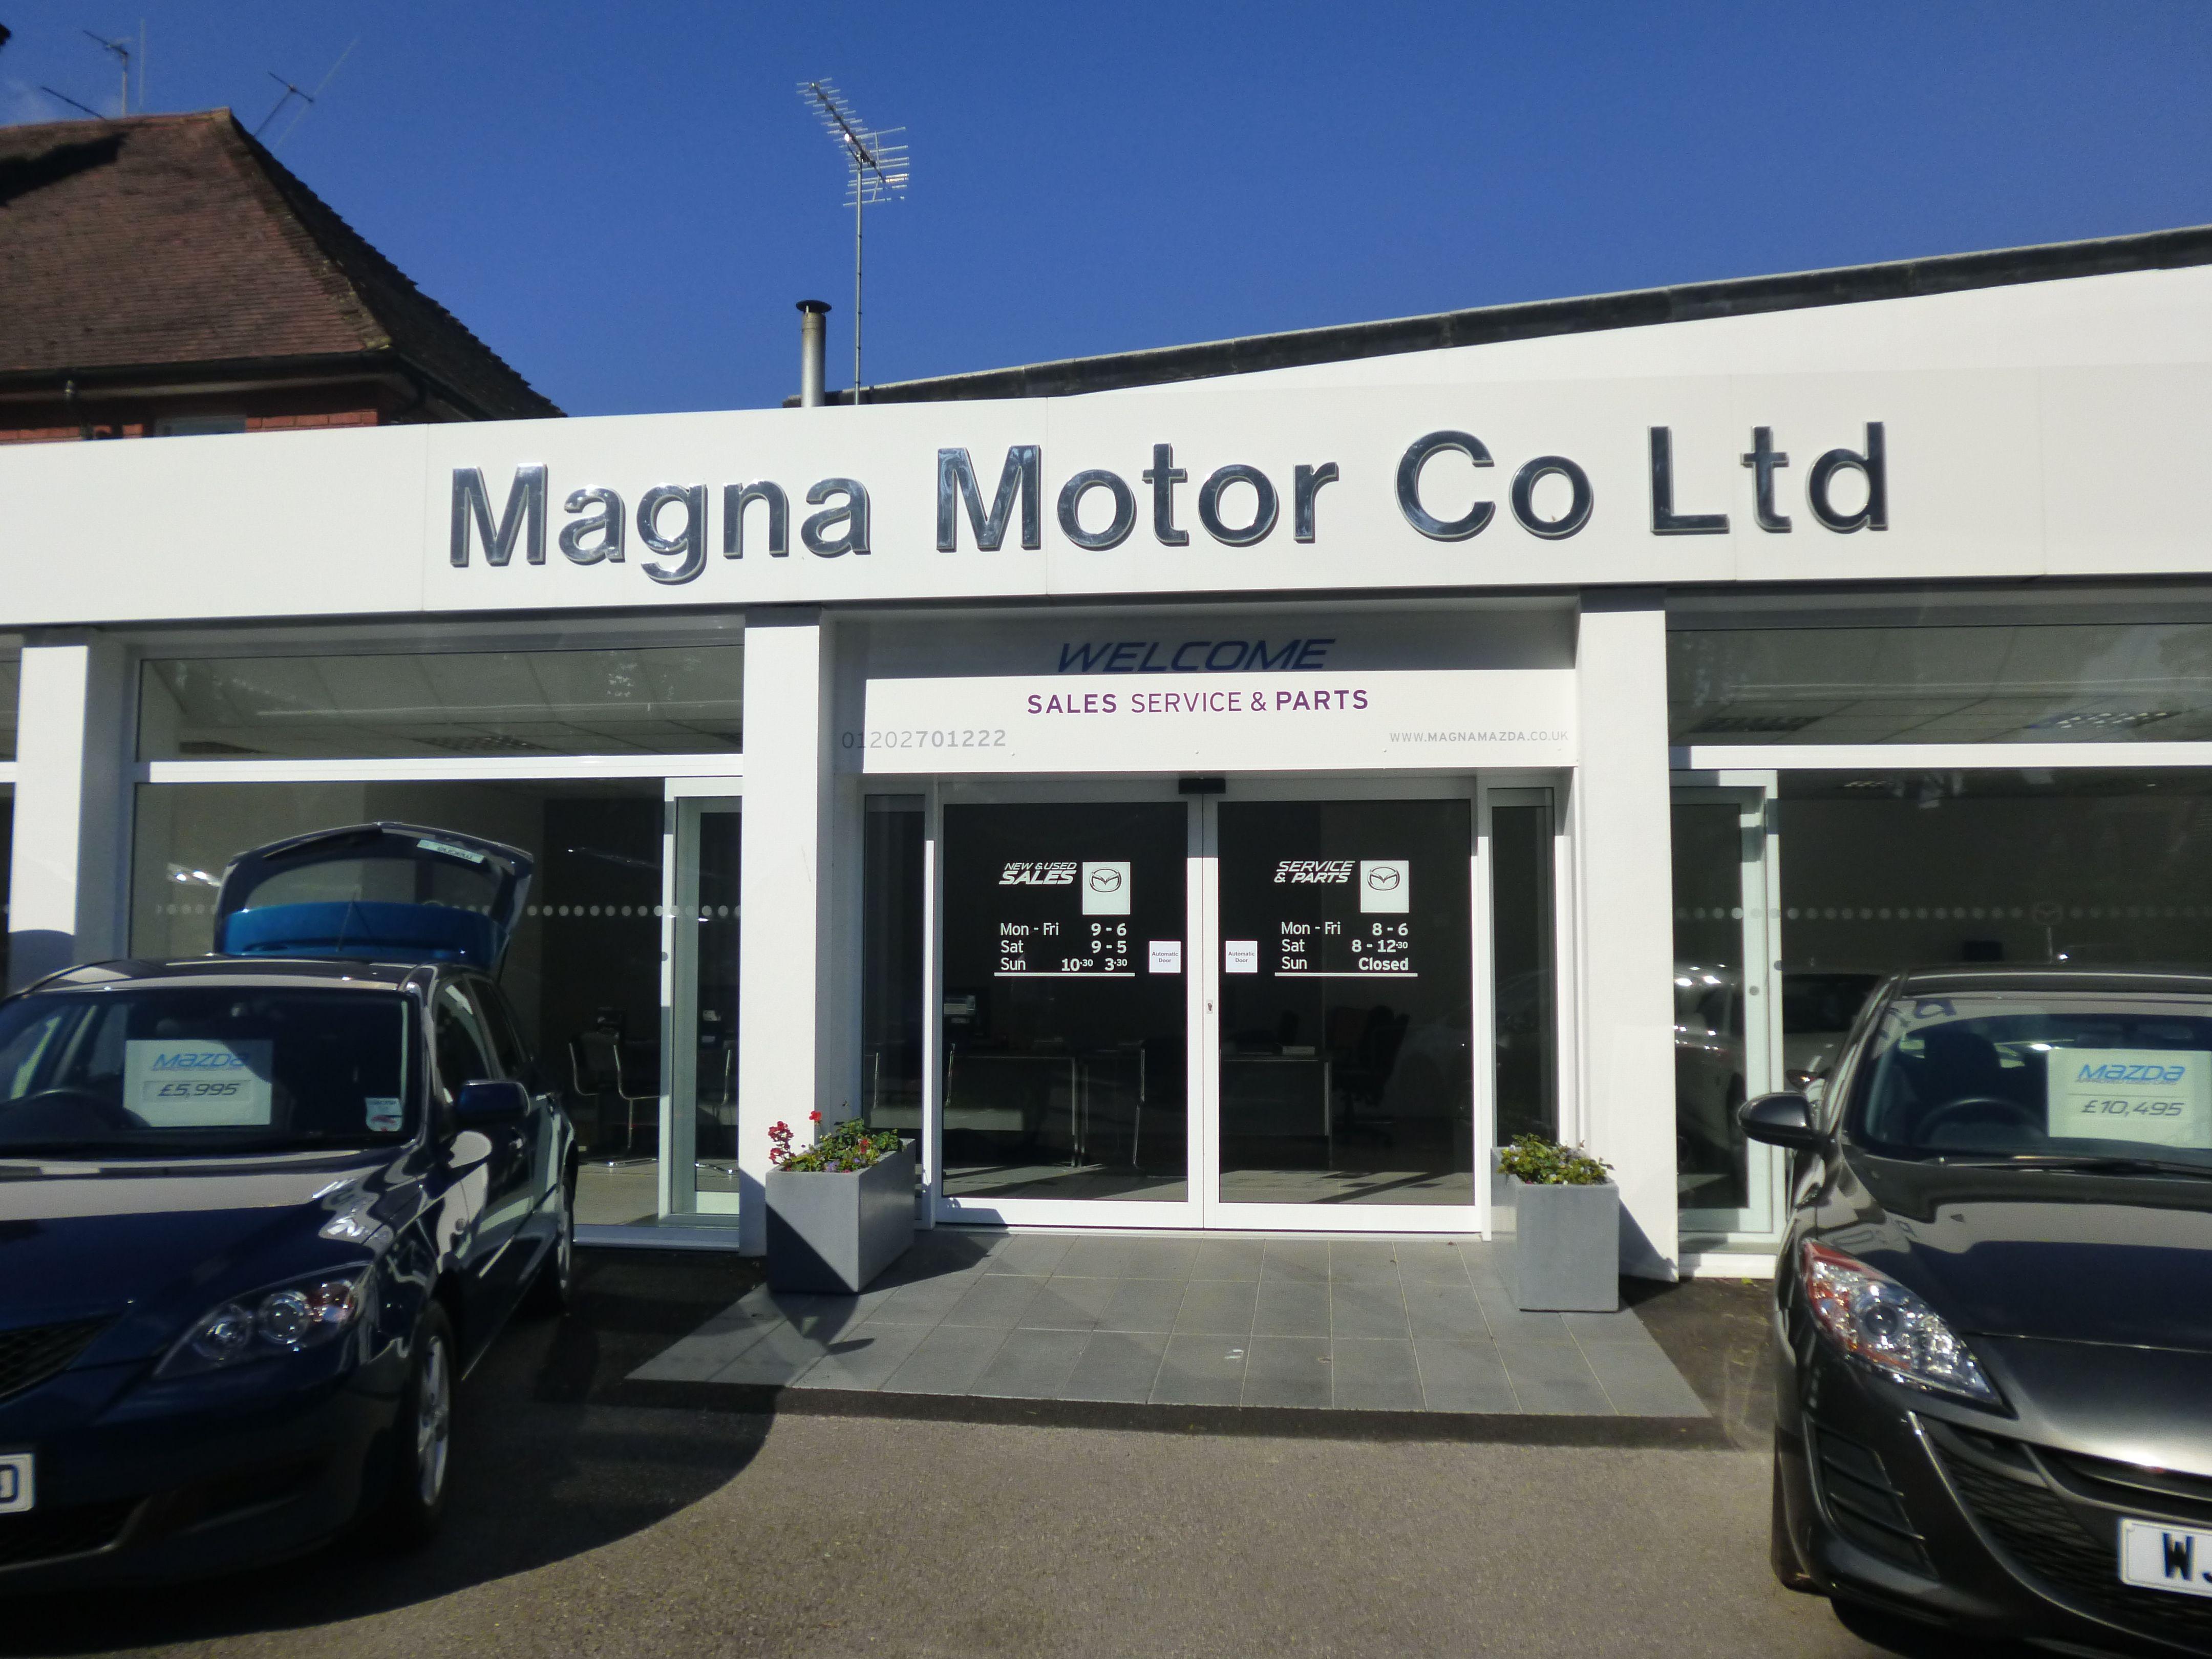 Poole Showroom Magna Mazda Poole Pinterest Showroom And Mazda - Magna mazda